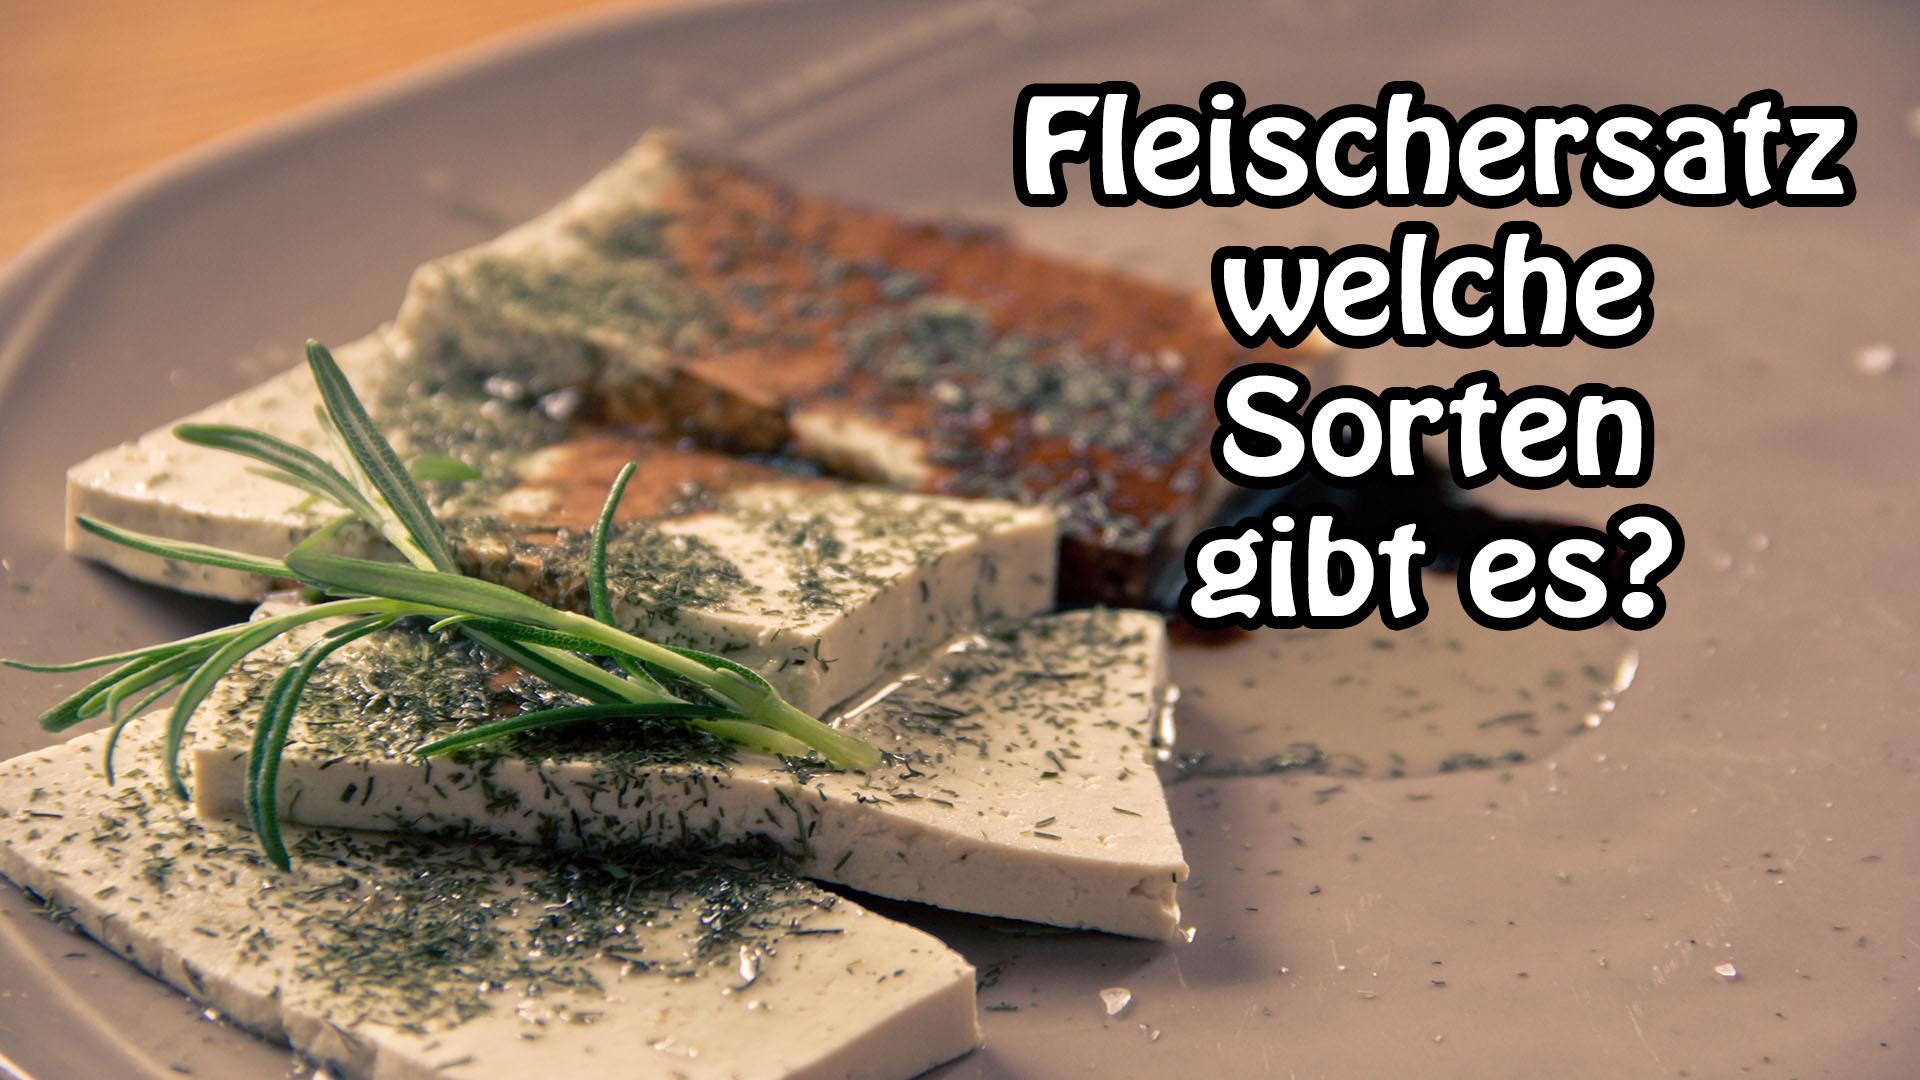 Fleischersatz - welche Sorten gibt es? - Kochen-verstehen.de